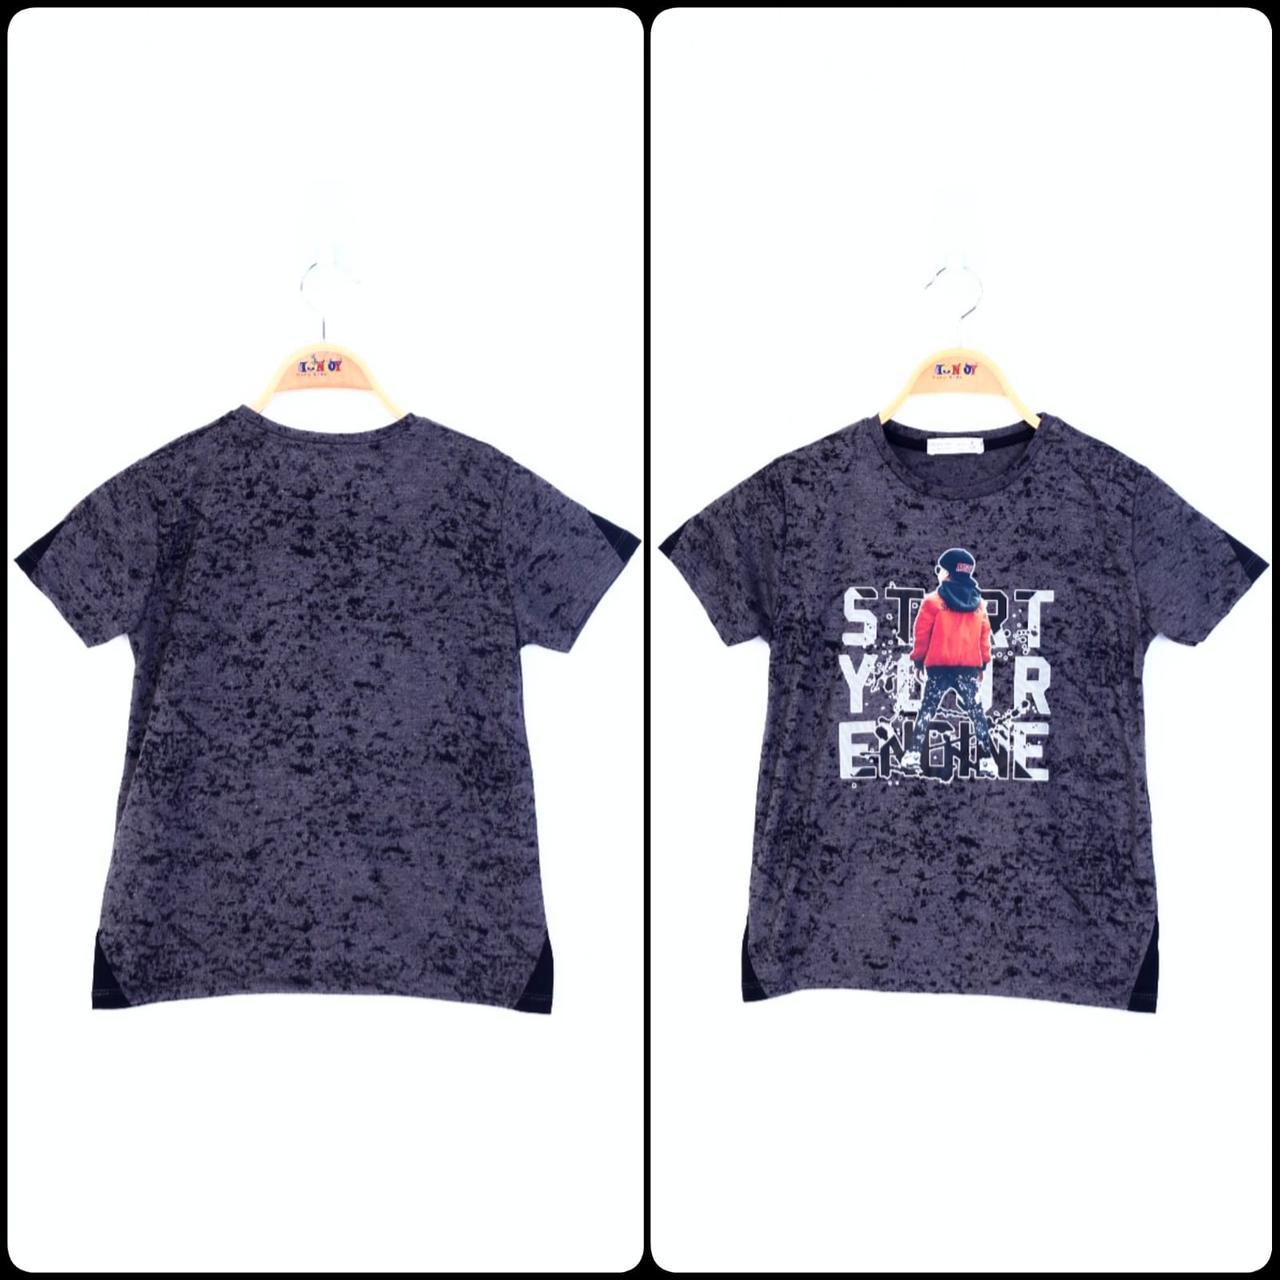 Детская футболка(МАЛЬЧИК), 5-6-7-8 лет, мальчик в красной куртке.